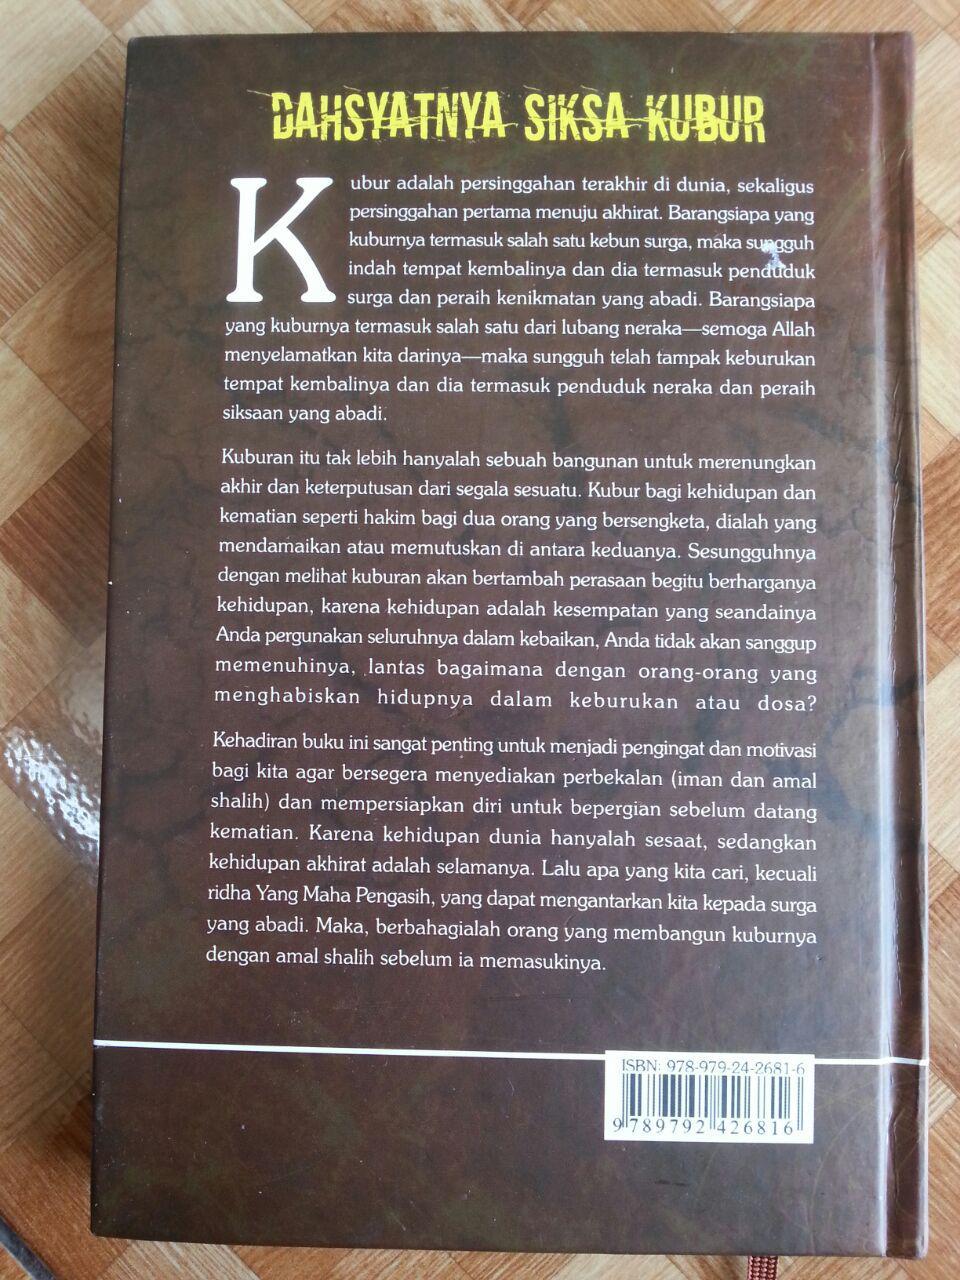 Buku Dahsyatnya Siksa Kubur cover